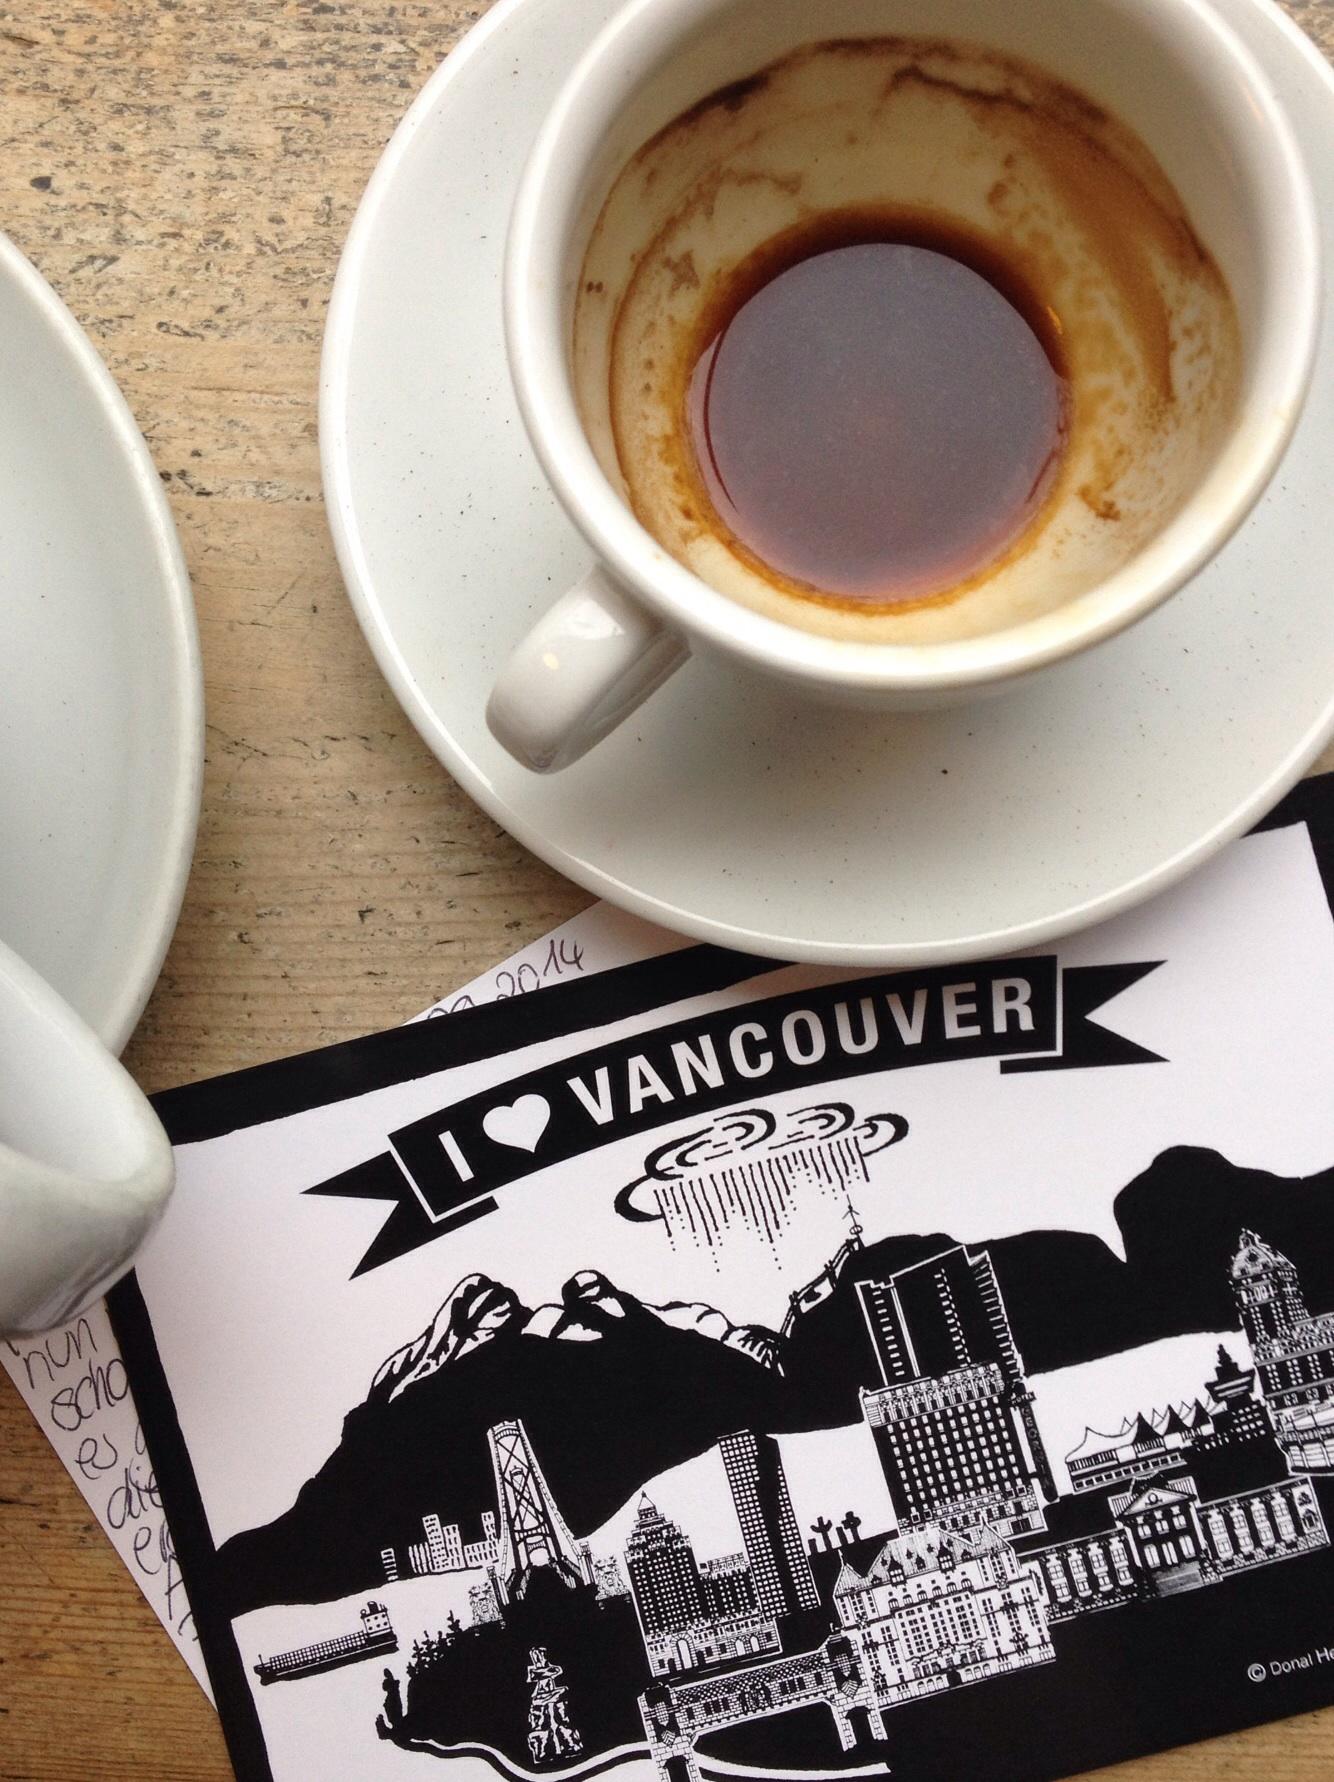 Postkarte und Kaffee